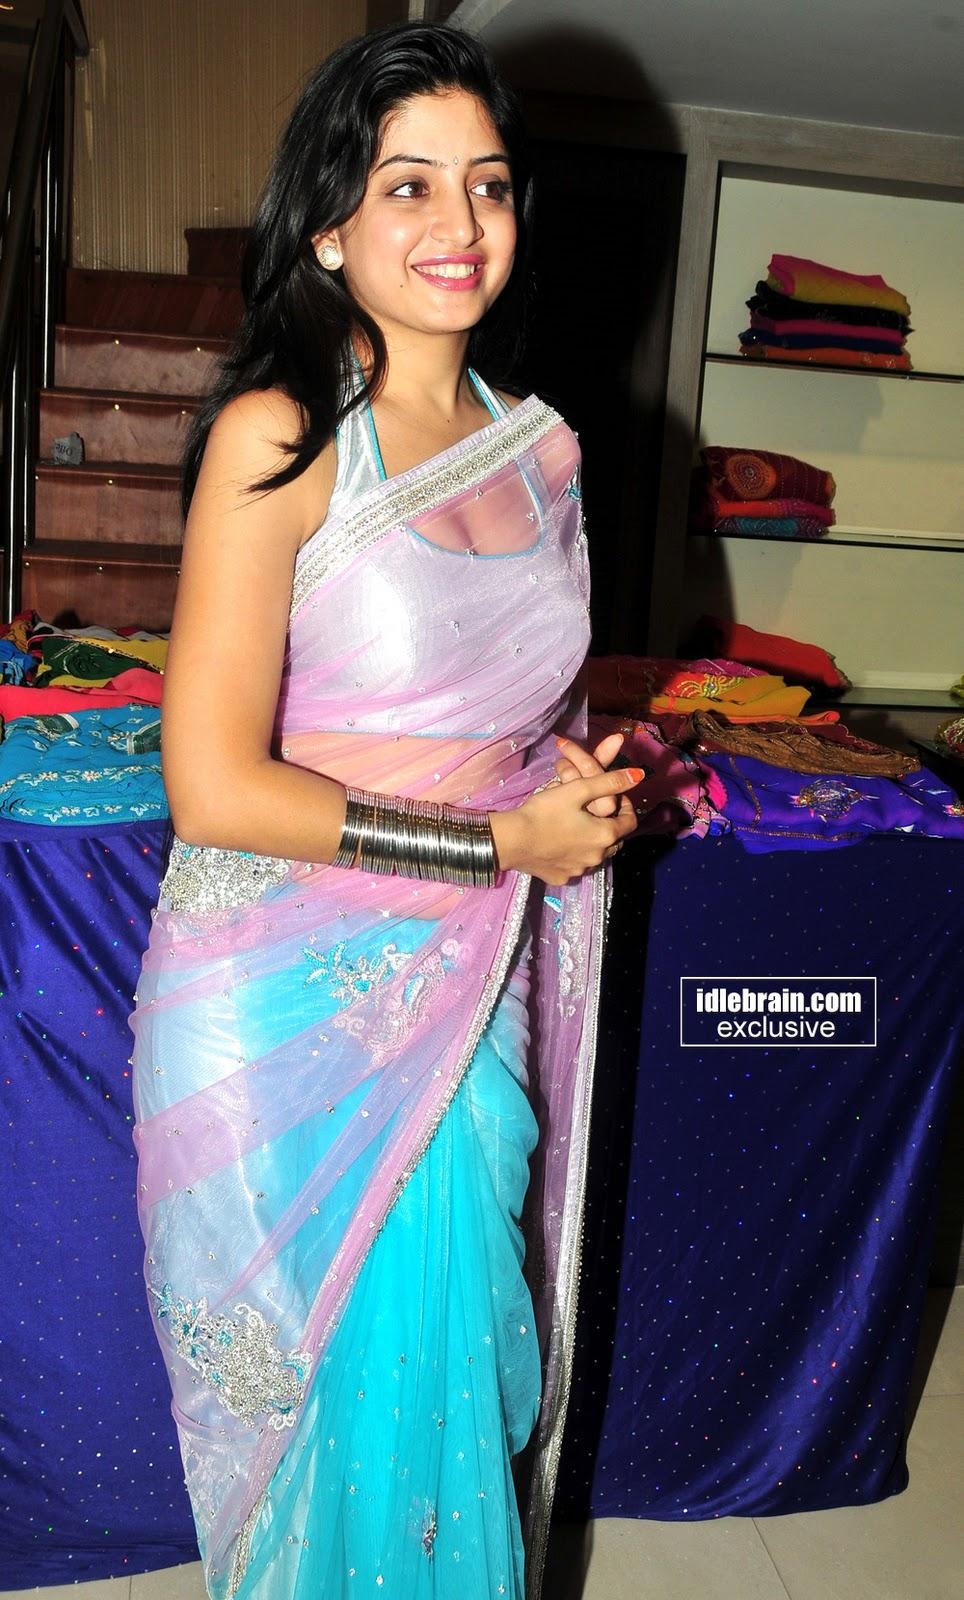 Hot Indian Actress Blog Hot South Actress Poonam Kaur In -2366